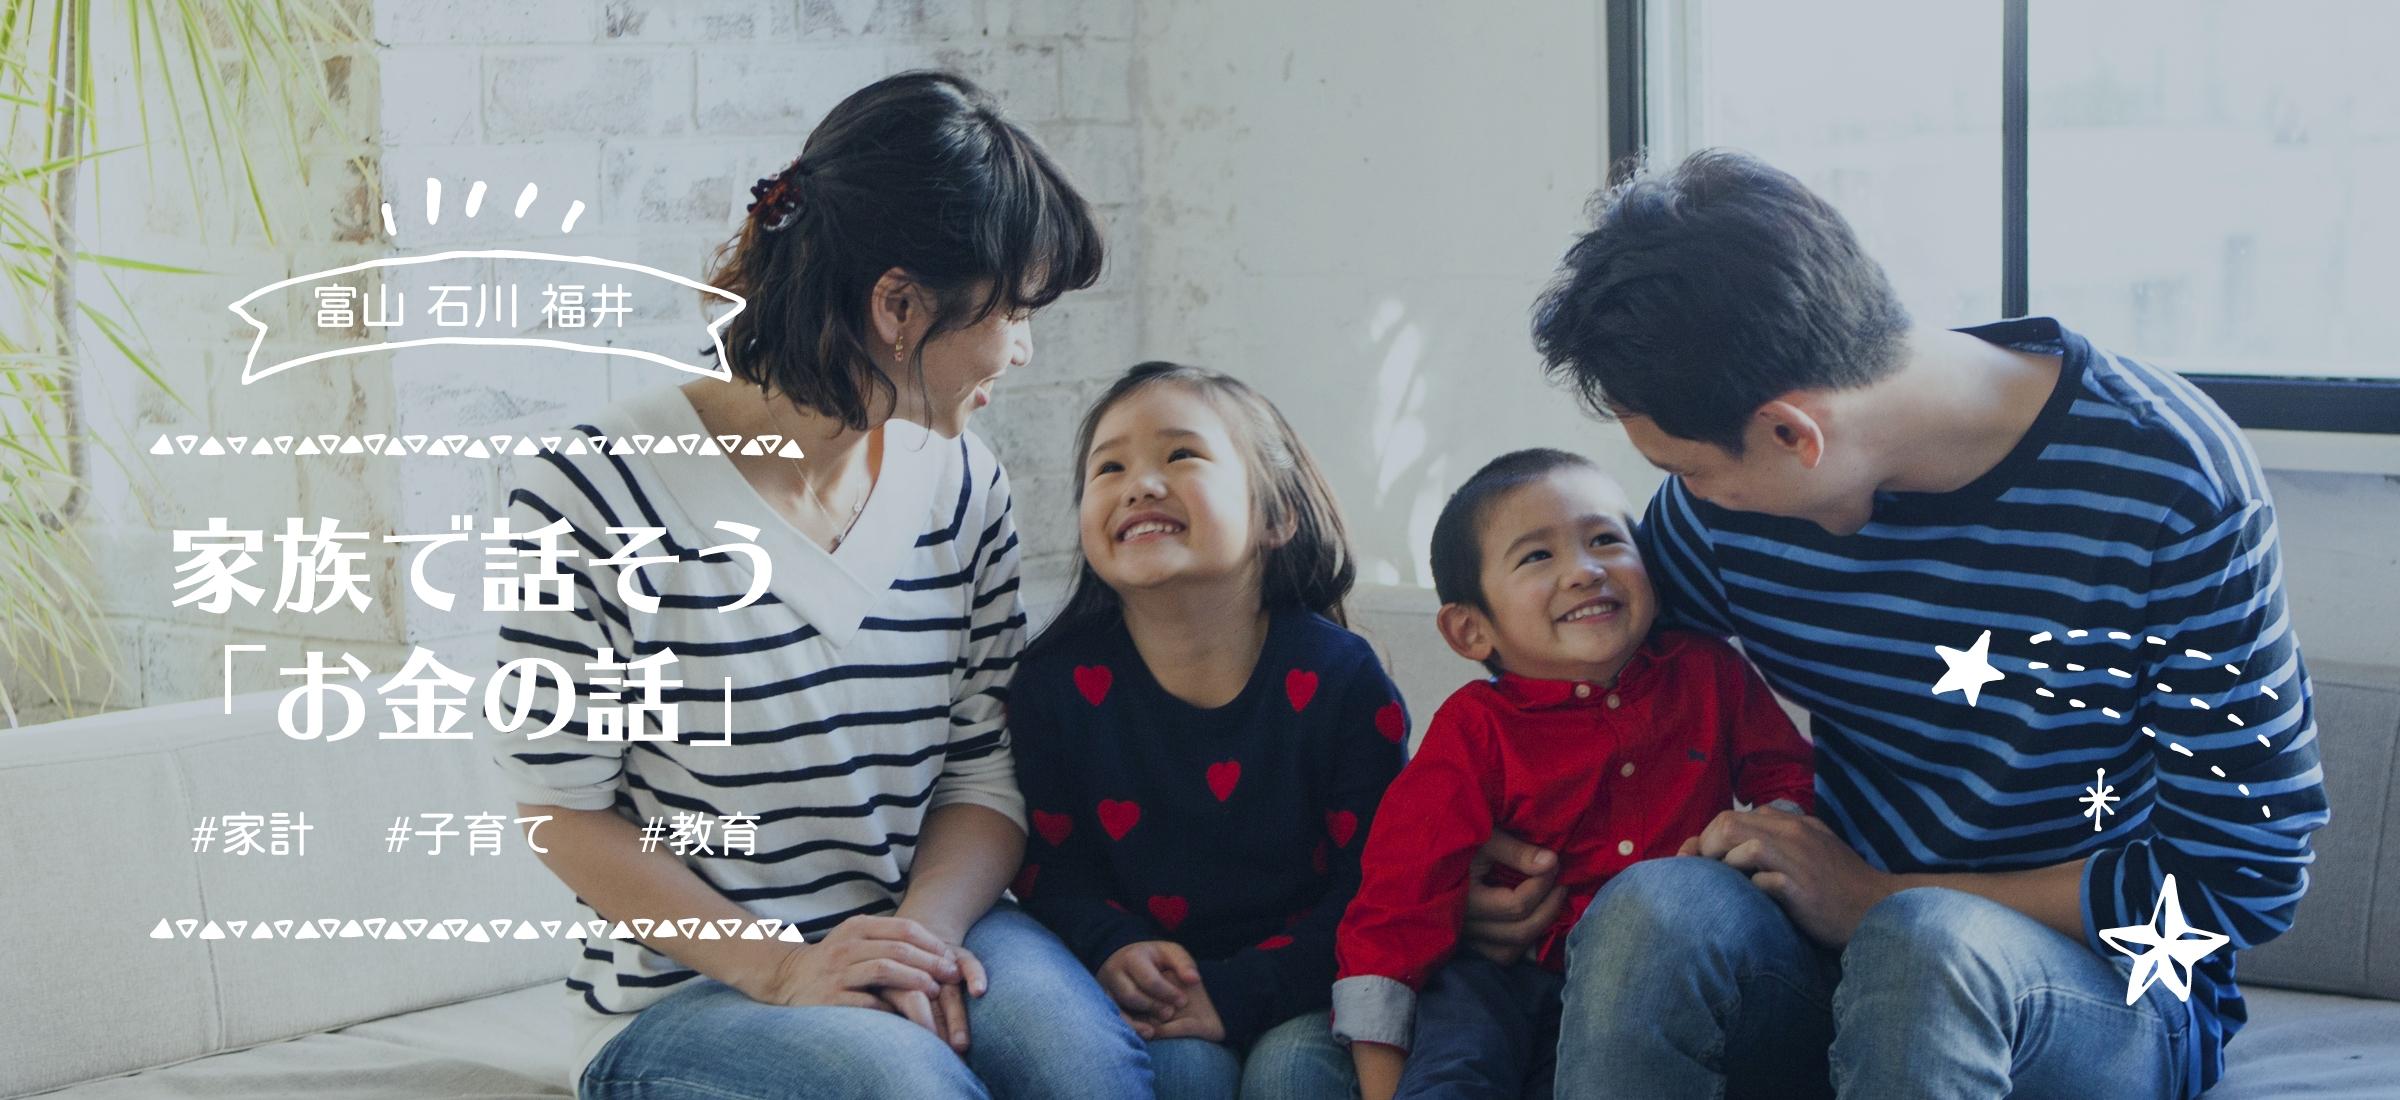 富山 石川 福井 家族で話そう「お金の話」 #家計 #子育て #教育